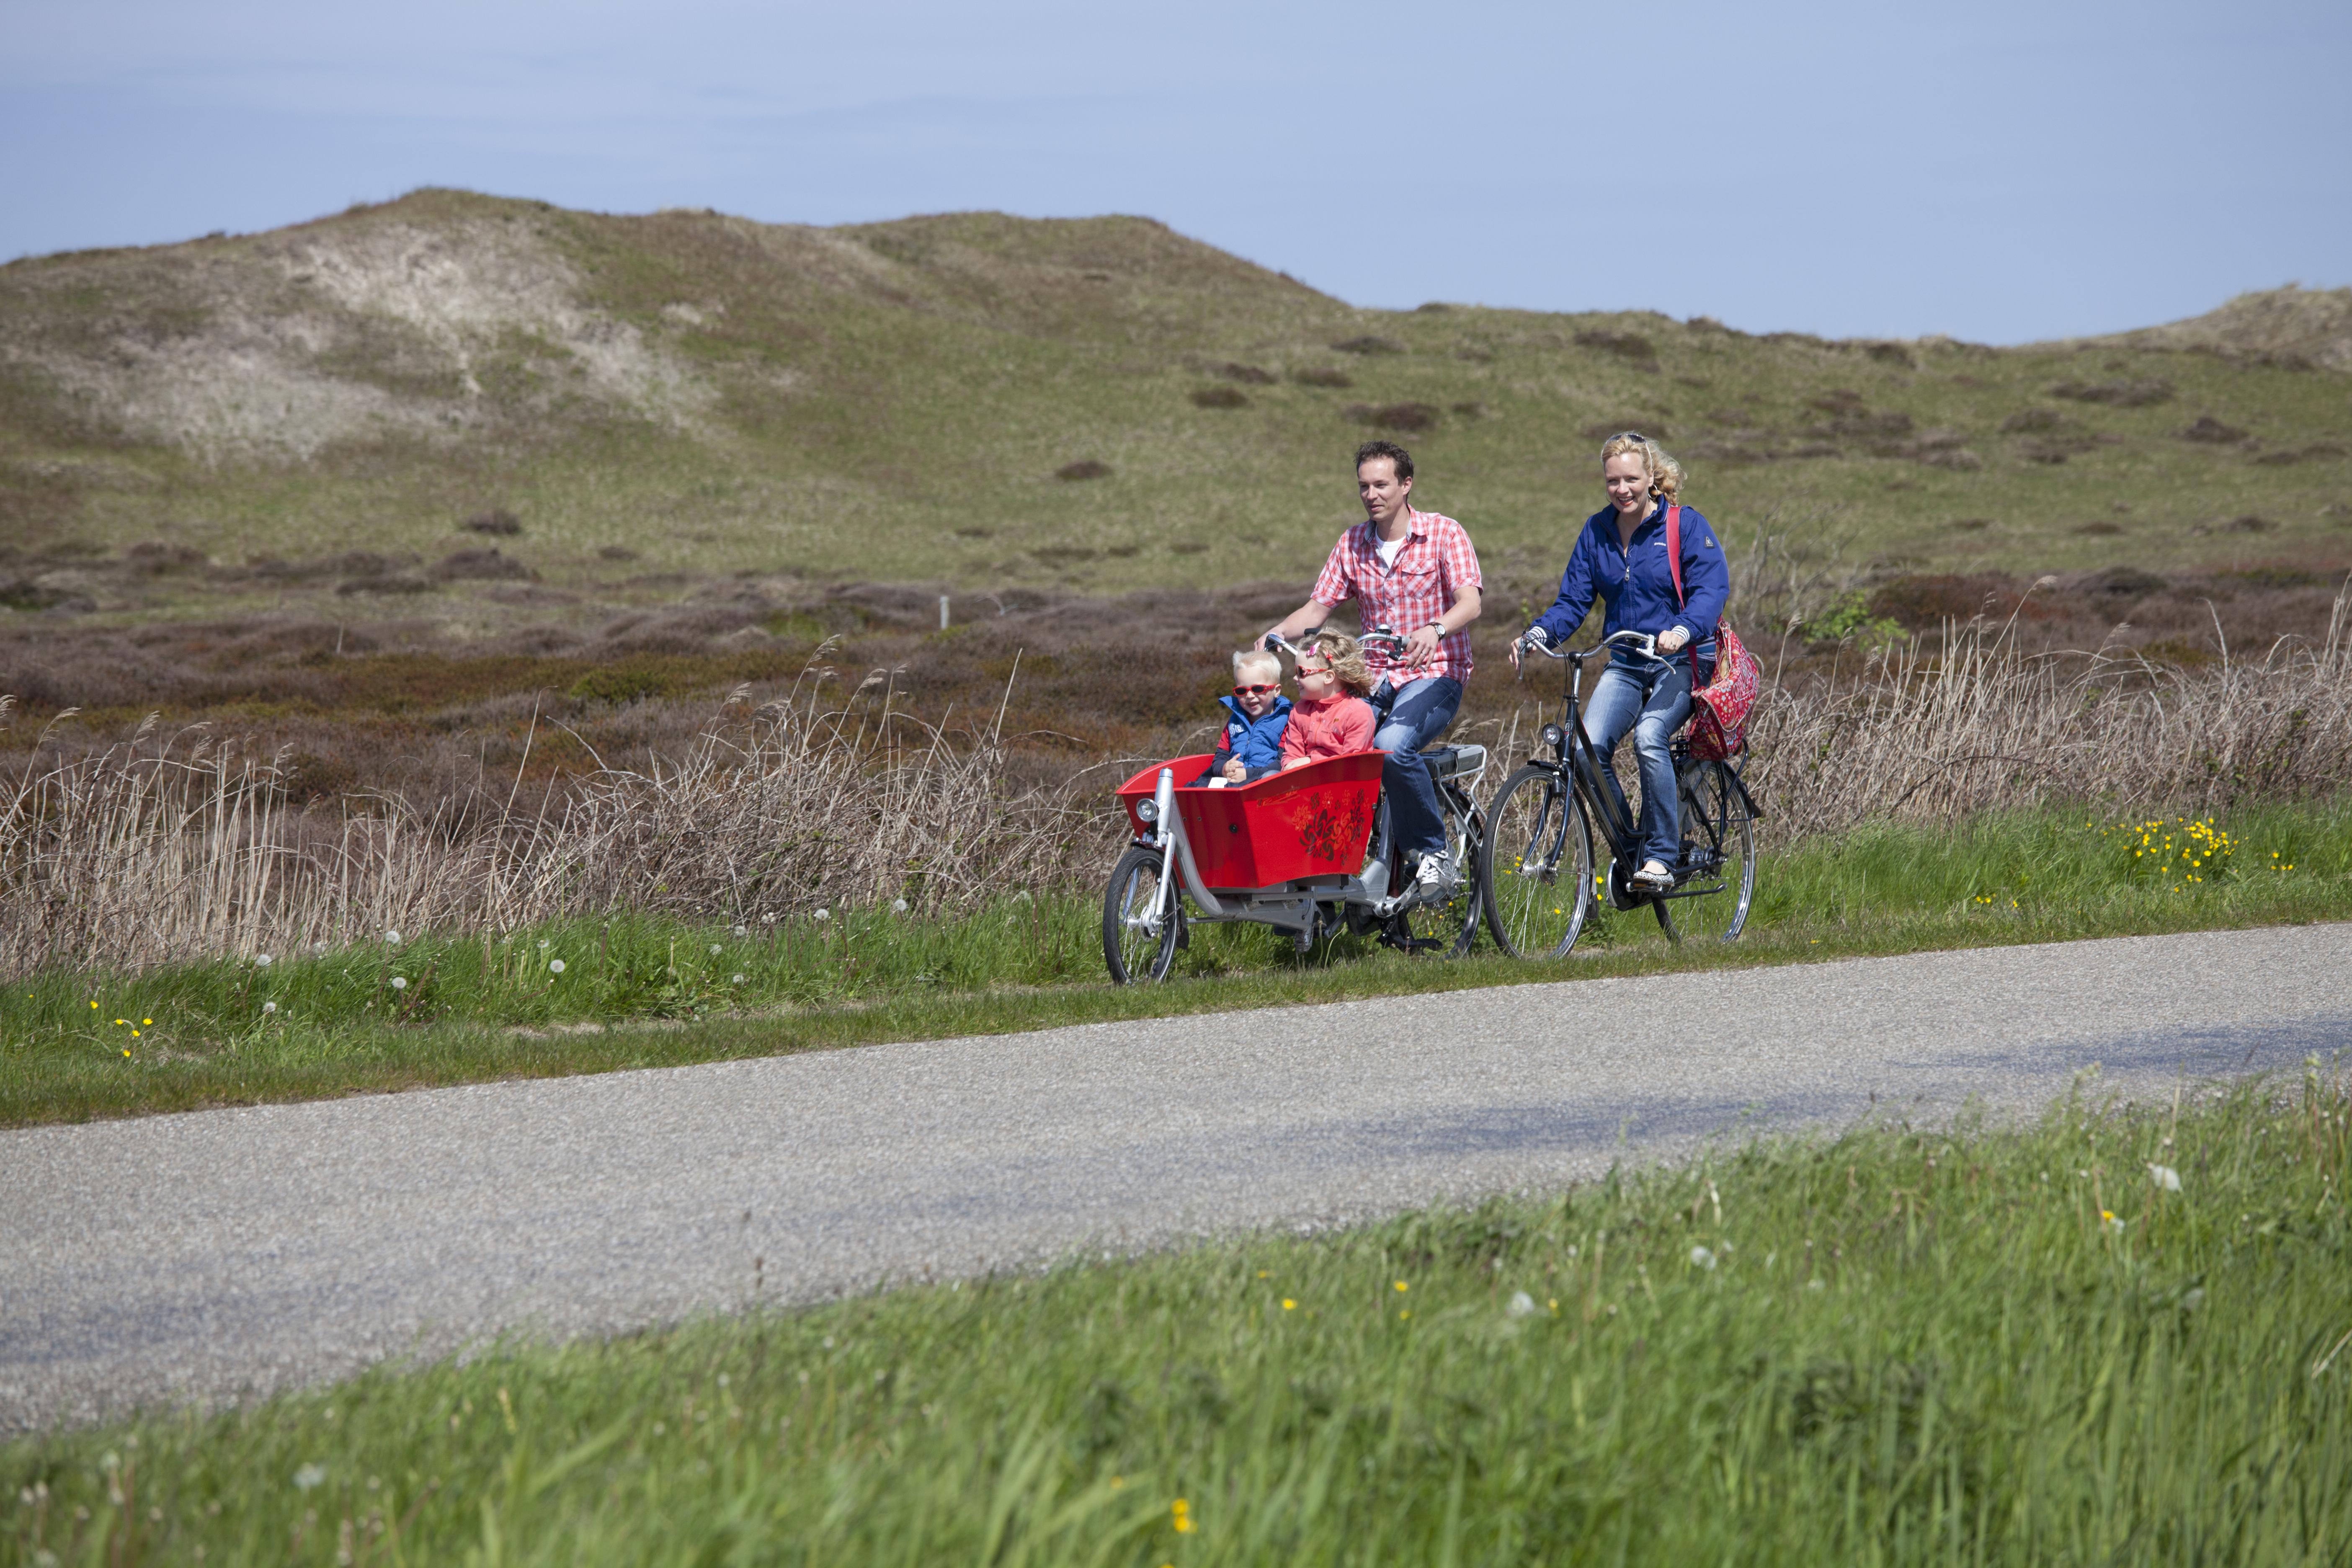 Fietsen in de duinen gezin fotograaf Tessa Jol VVV Texel